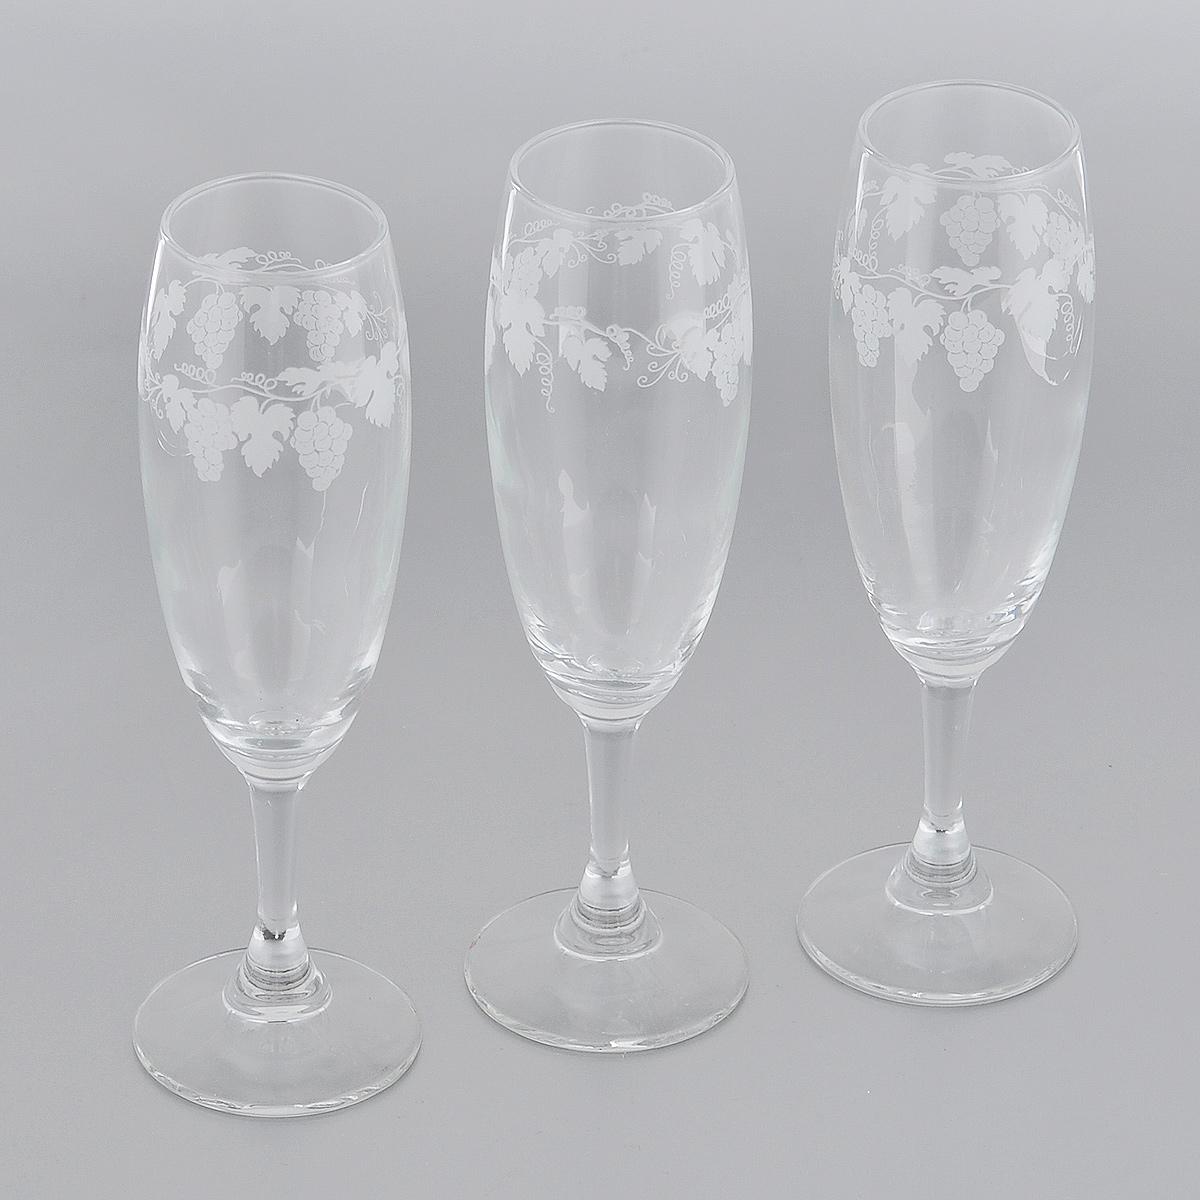 Набор бокалов для вина Royal Leerdam Vignoble, 170 мл, 3 шт3364К9С17 (921595)Набор Royal Leerdam Vignoble состоит из 3 бокалов, выполненных из высококачественного стекла. Изделия украшены изящным орнаментом в виде виноградной лозы. Бокалы предназначены для подачи шампанского. Набор бокалов прекрасно оформит сервировку стола и создаст в доме атмосферу праздника и уюта. Можно мыть в посудомоечной машине.